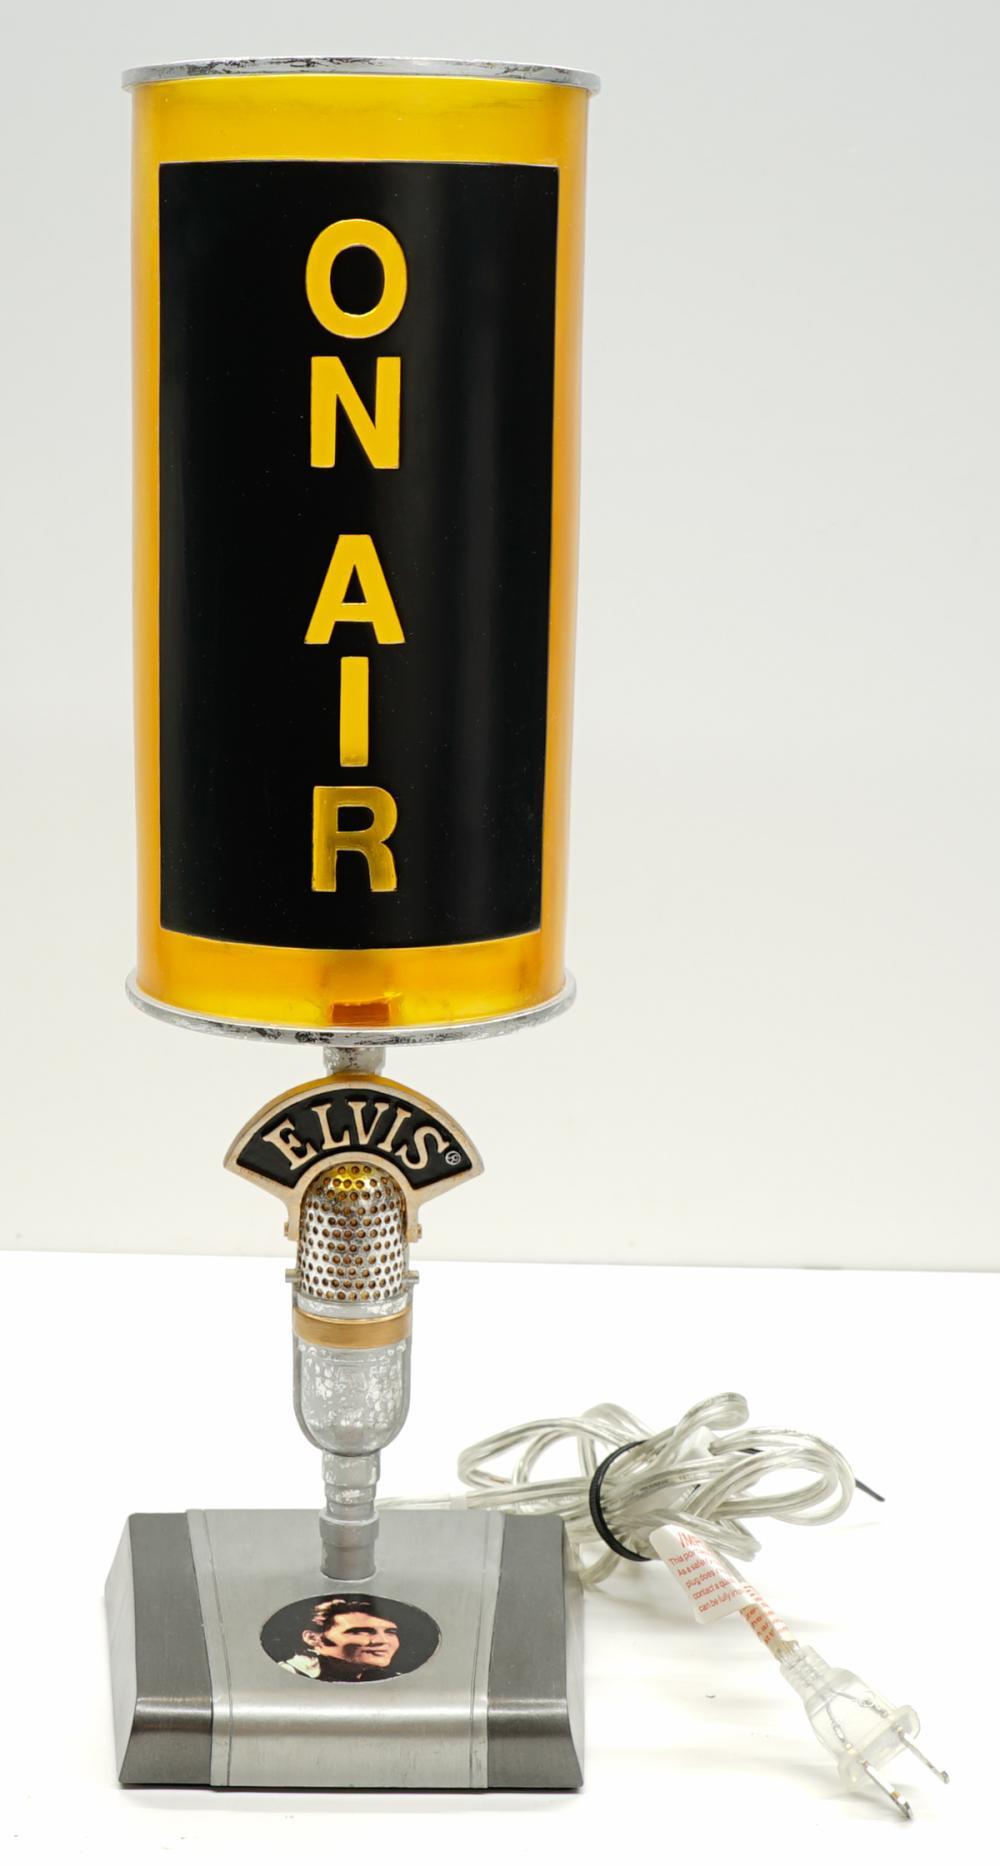 Lot 267: Elvis Presley Microphone Lamp